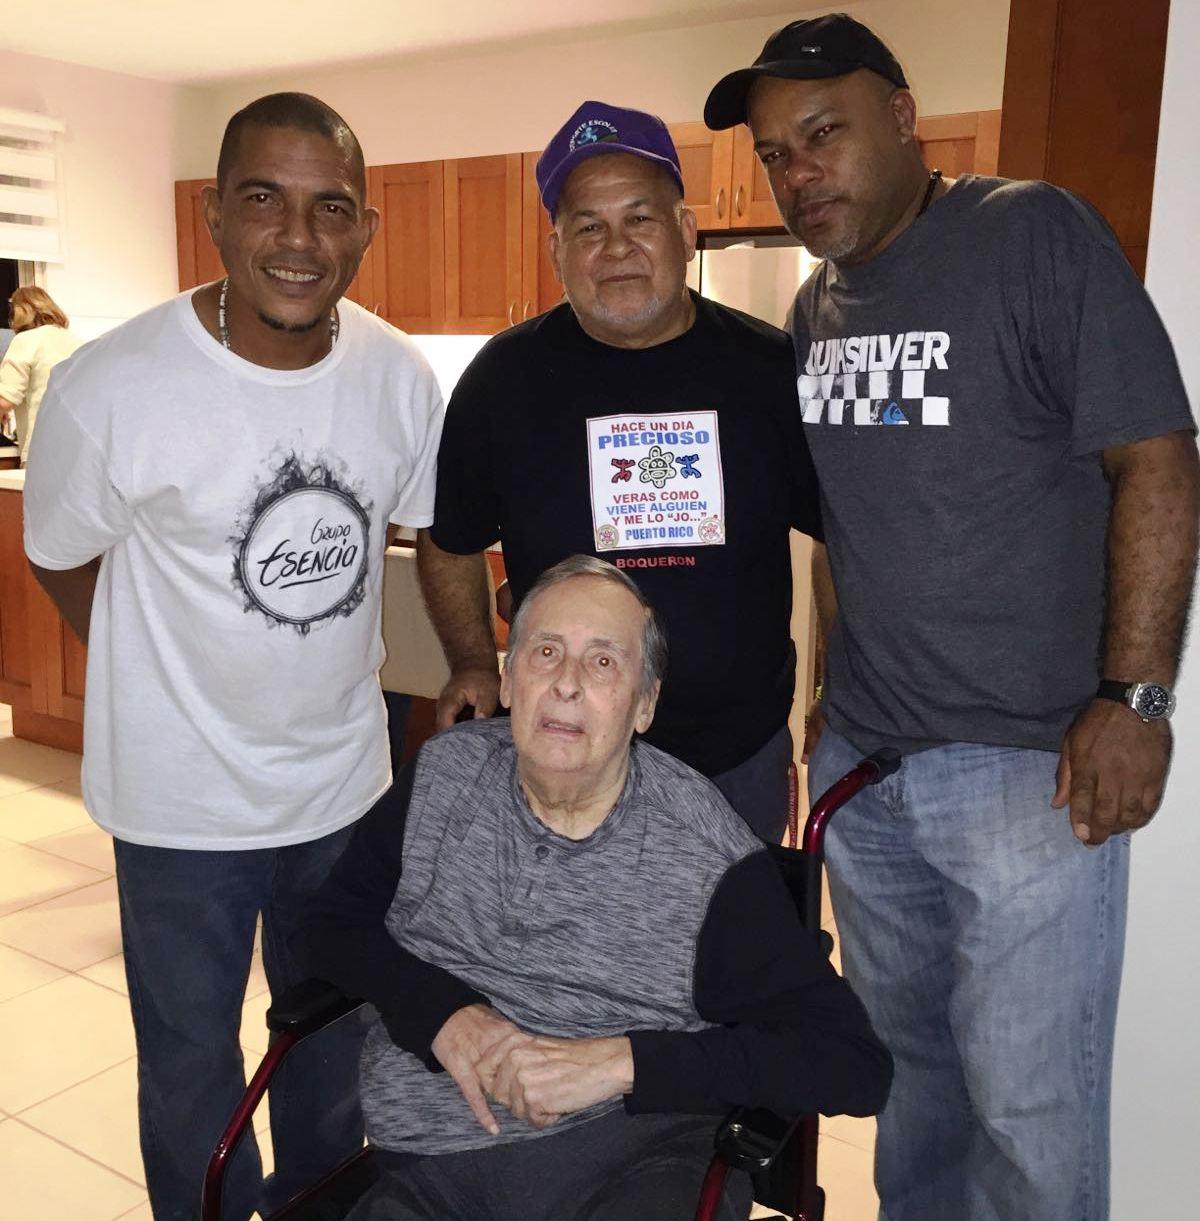 El inolvidable cantante Ismael Quintana (q.e.p.d.) también ha estado entre los homenajeados. (Foto suministrada)